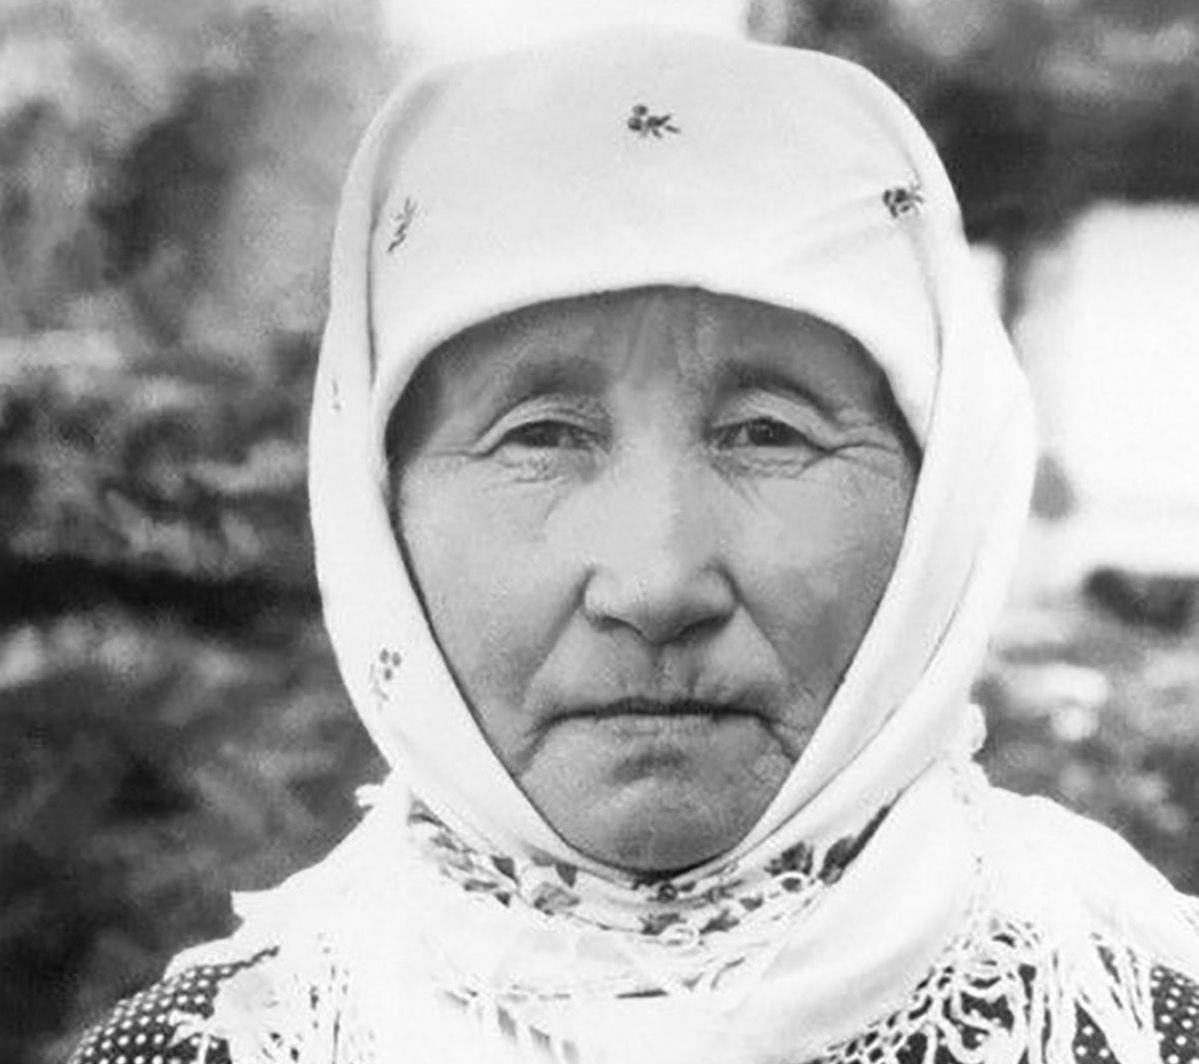 Қошке Кемеңгерұлының жары Гүлсім Жәмиқызы (1904-1988)